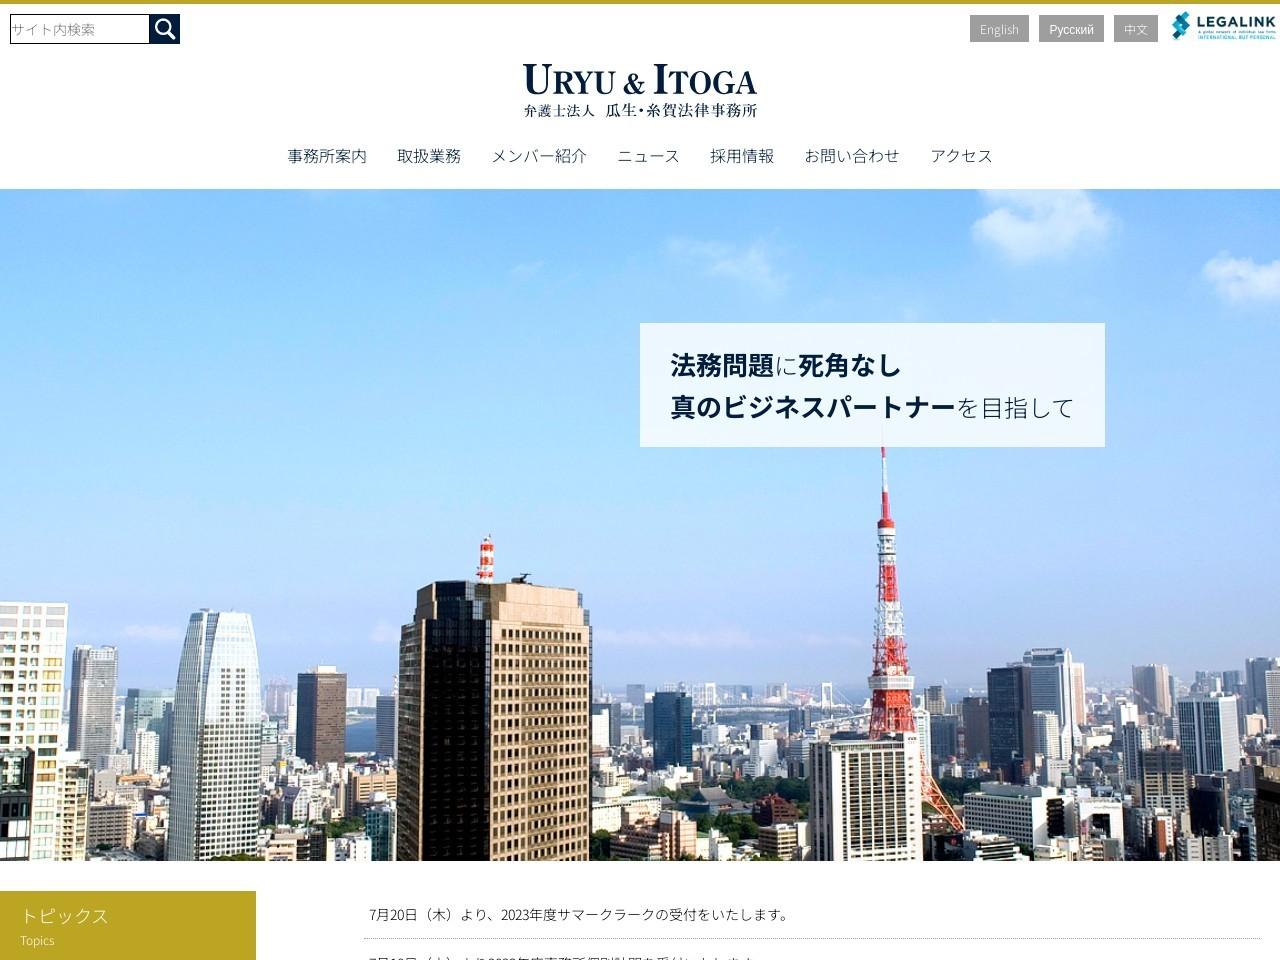 瓜生・糸賀法律事務所(弁護士法人)